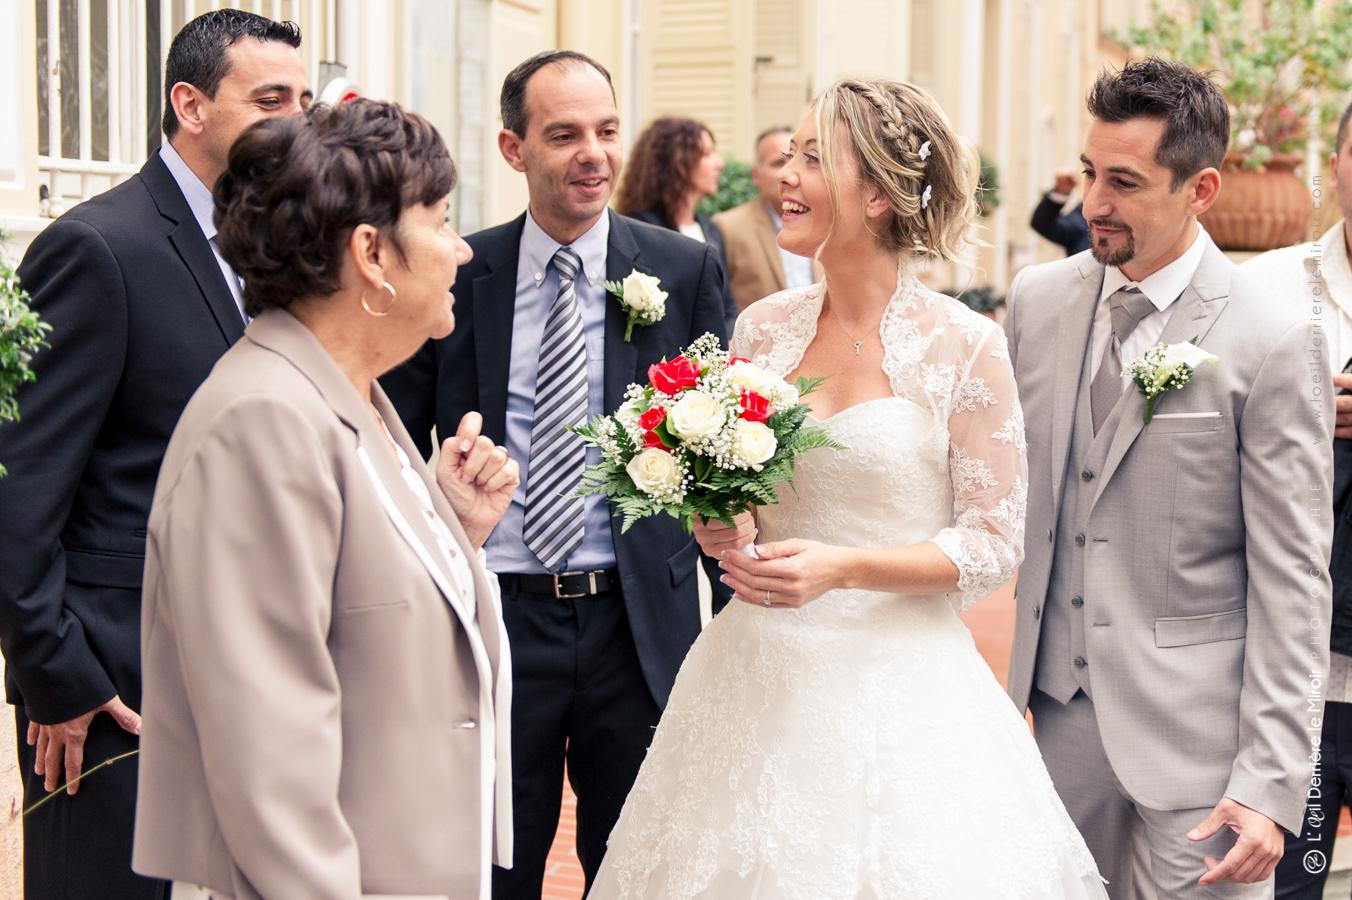 Photographe-mariage-monaco-loeilderrierelemiroir-003